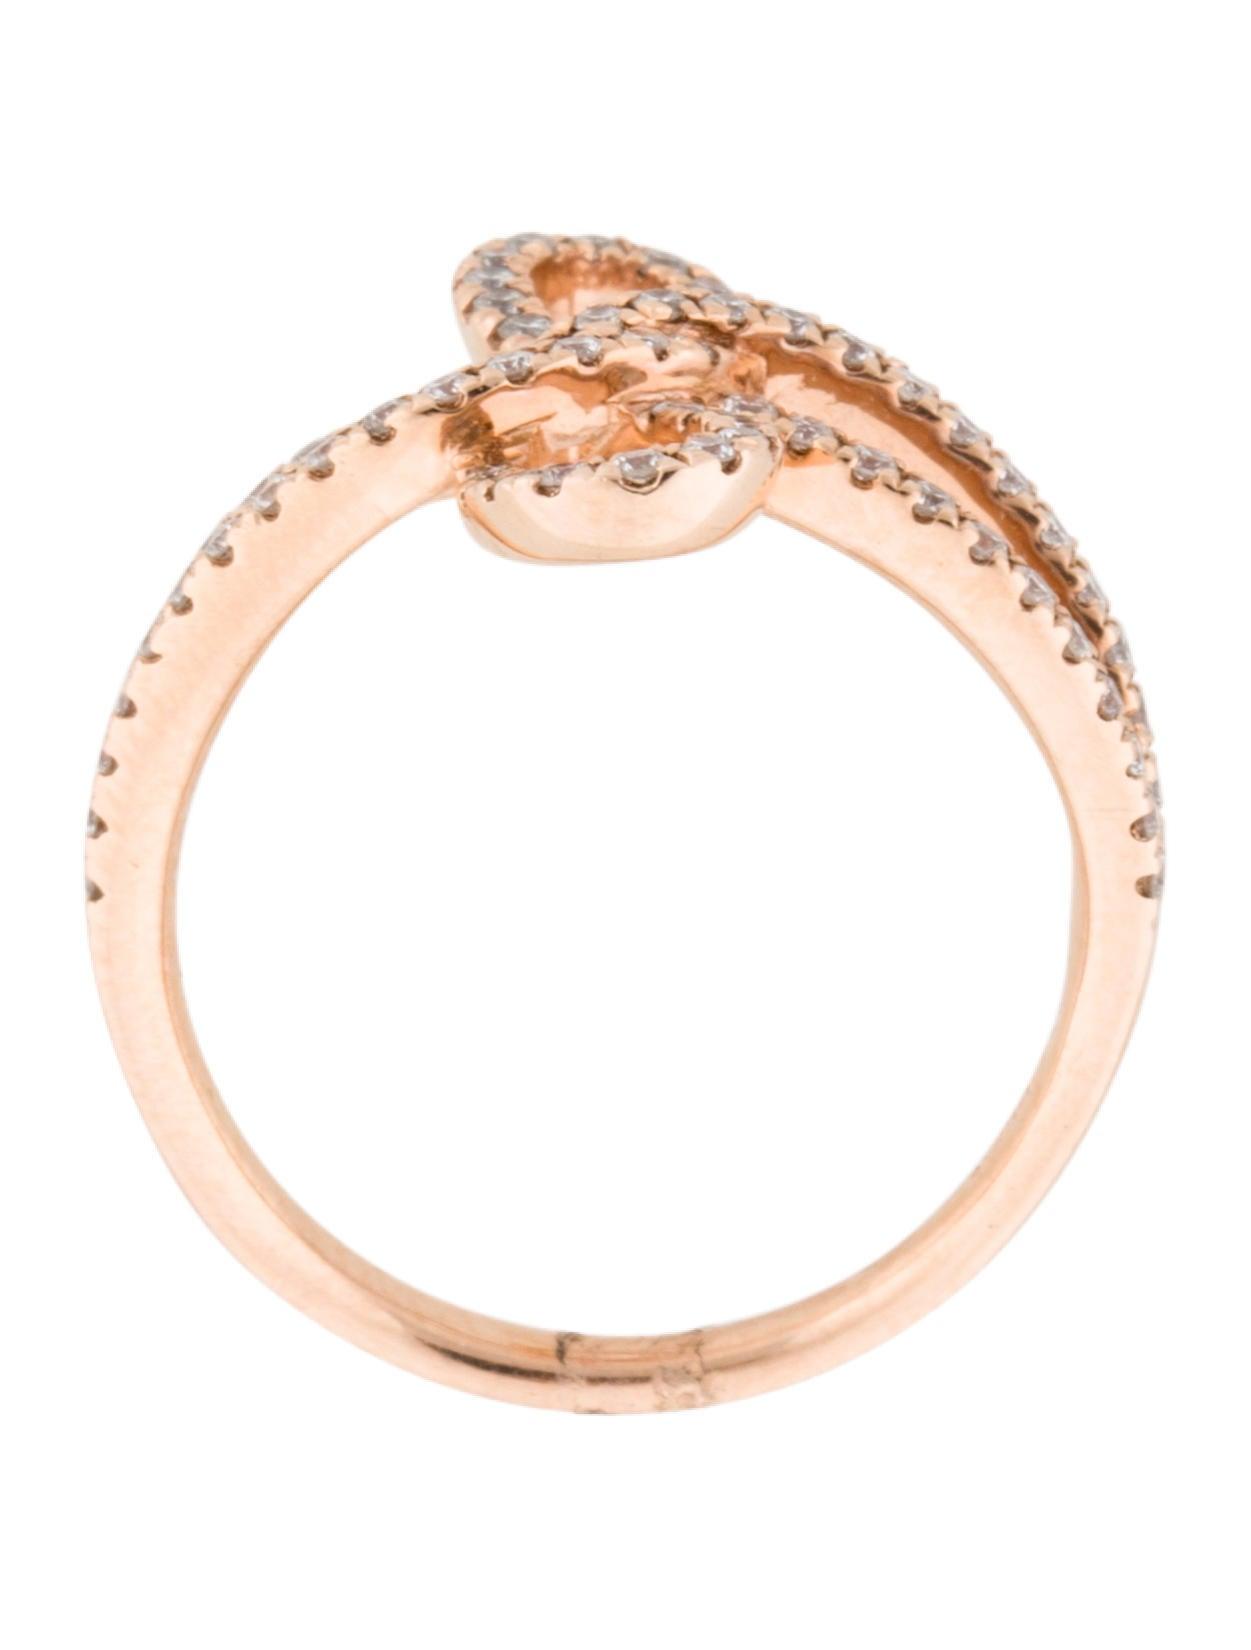 Ring Bow Il Gioiello Personalizzabile Con La Tua Nailart: 14K Diamond Bow Ring - Rings - RRING20005